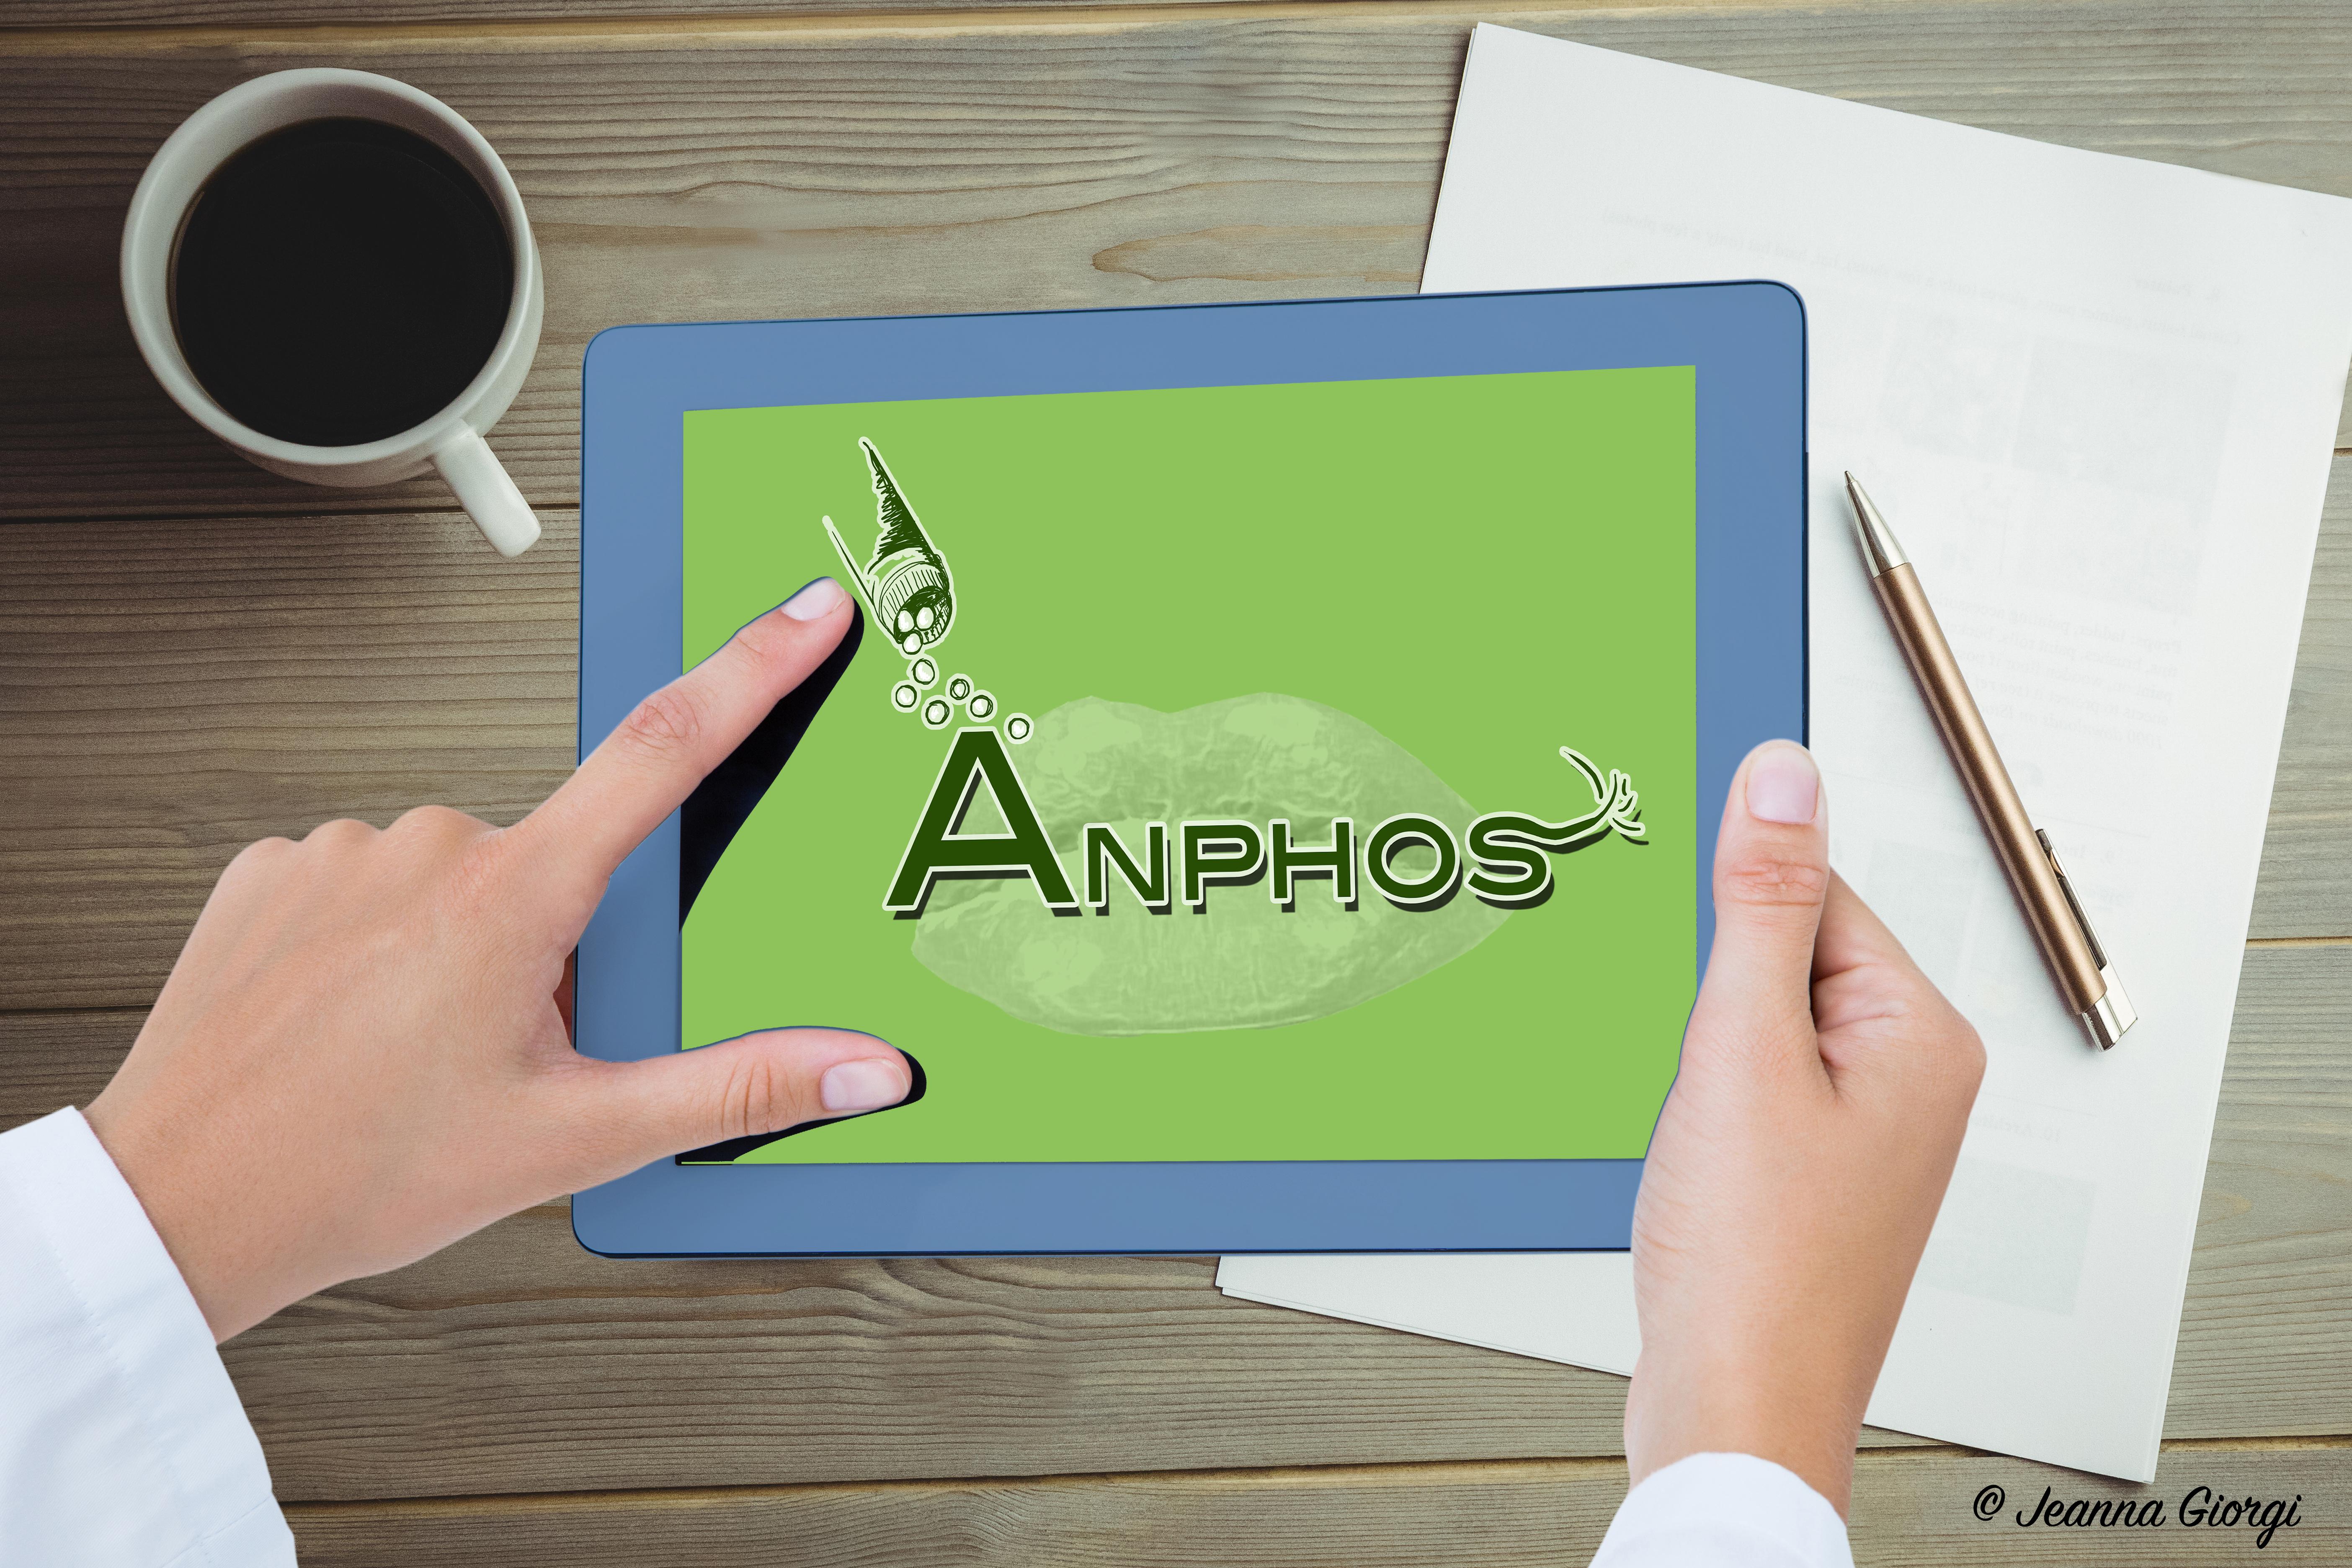 ANPHOS2